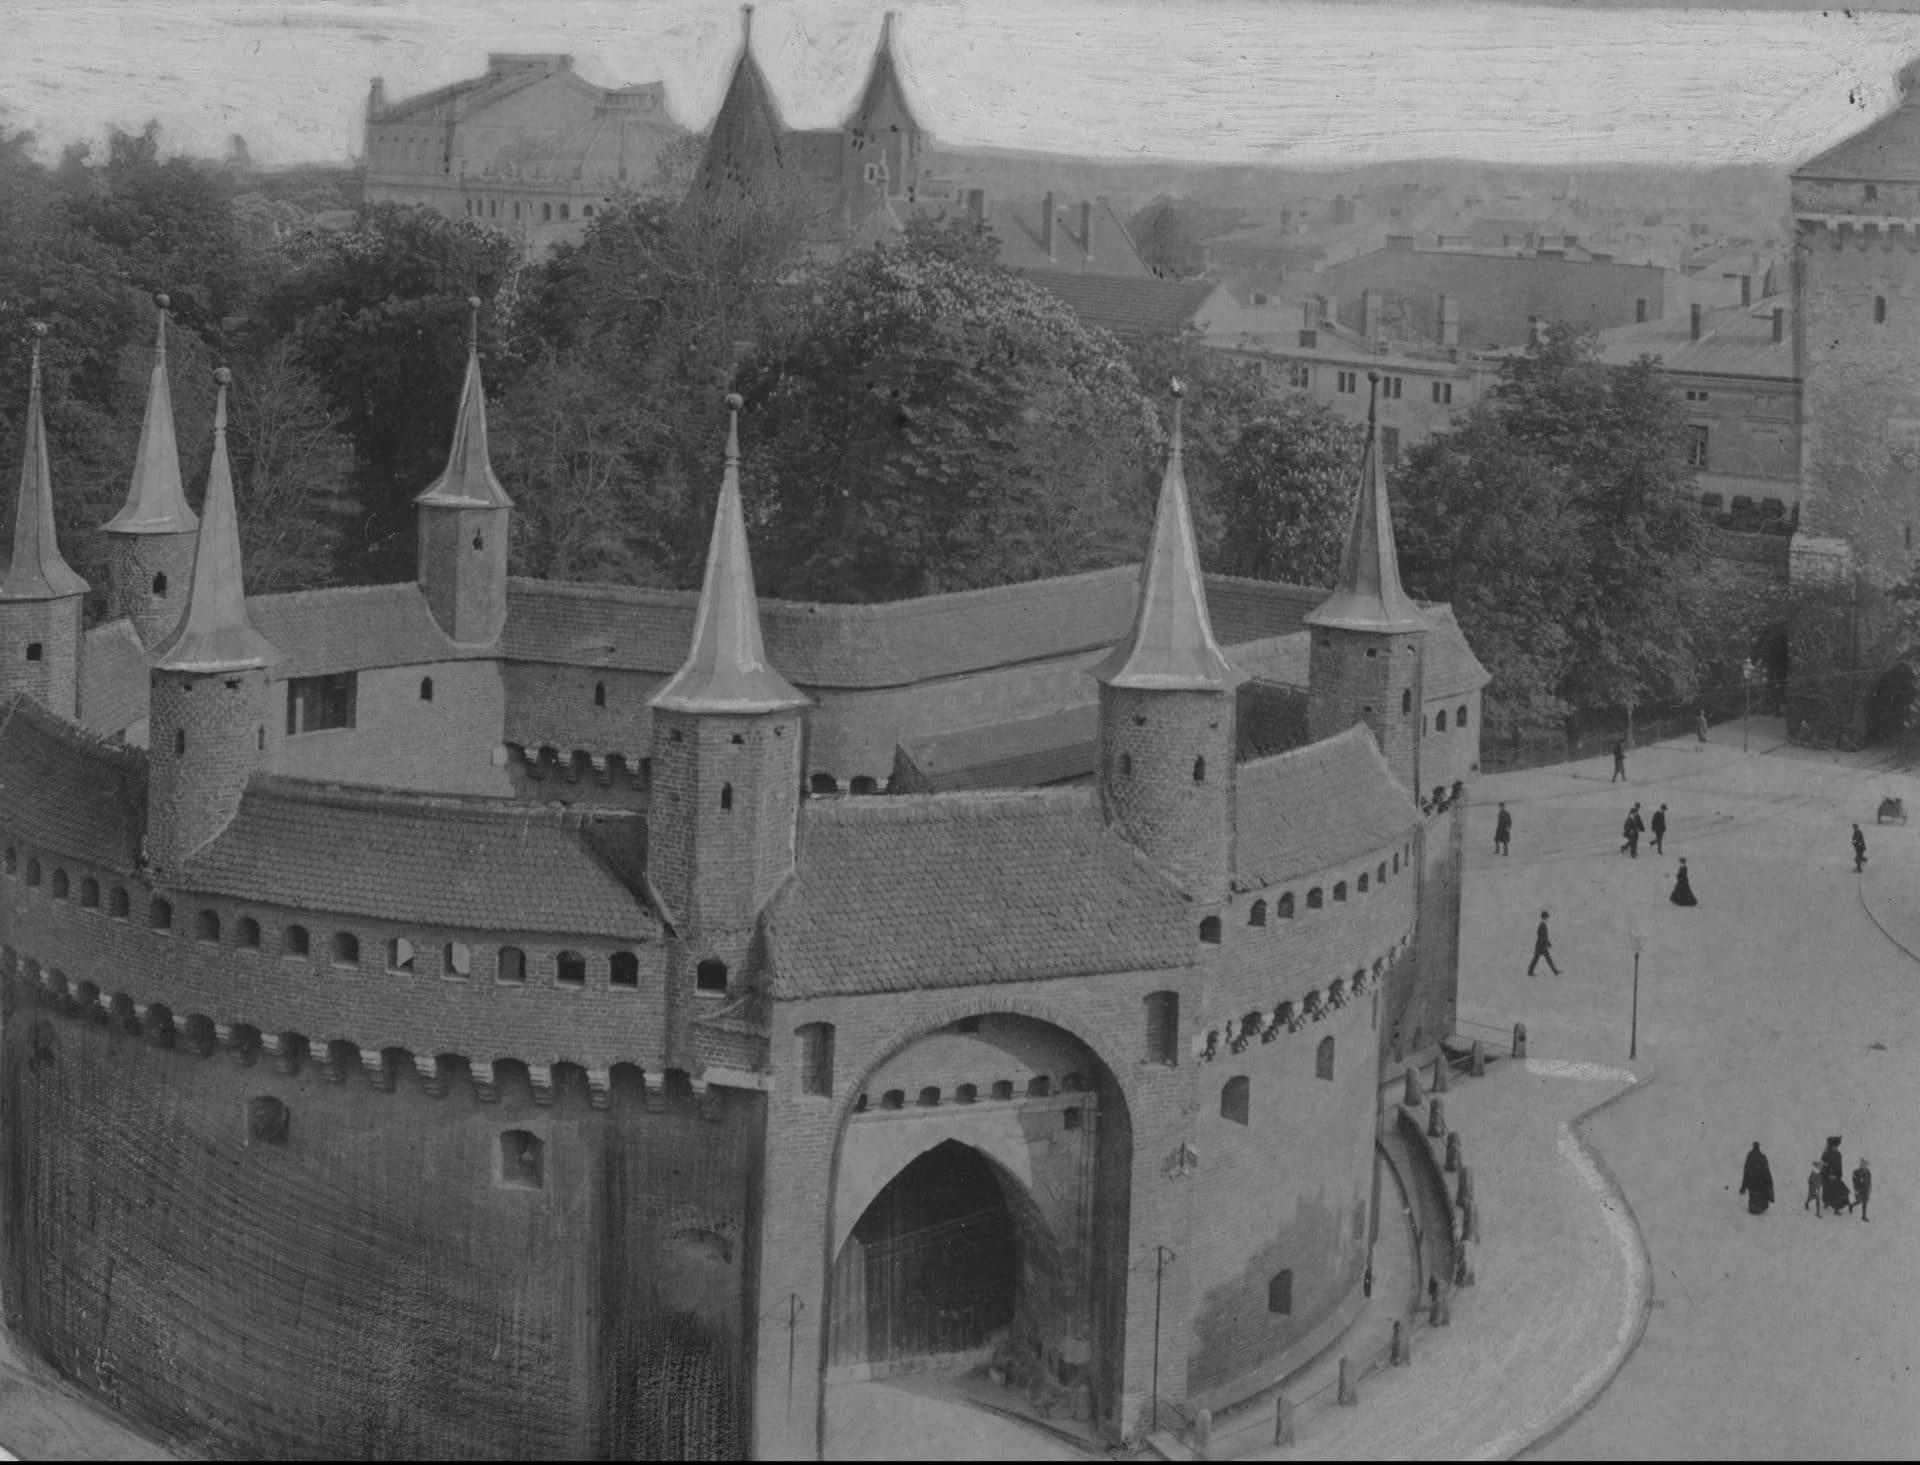 Barbakan w Krakowie w 1925 roku. Źródło: Narodowe Archiwum Cyfrowe.